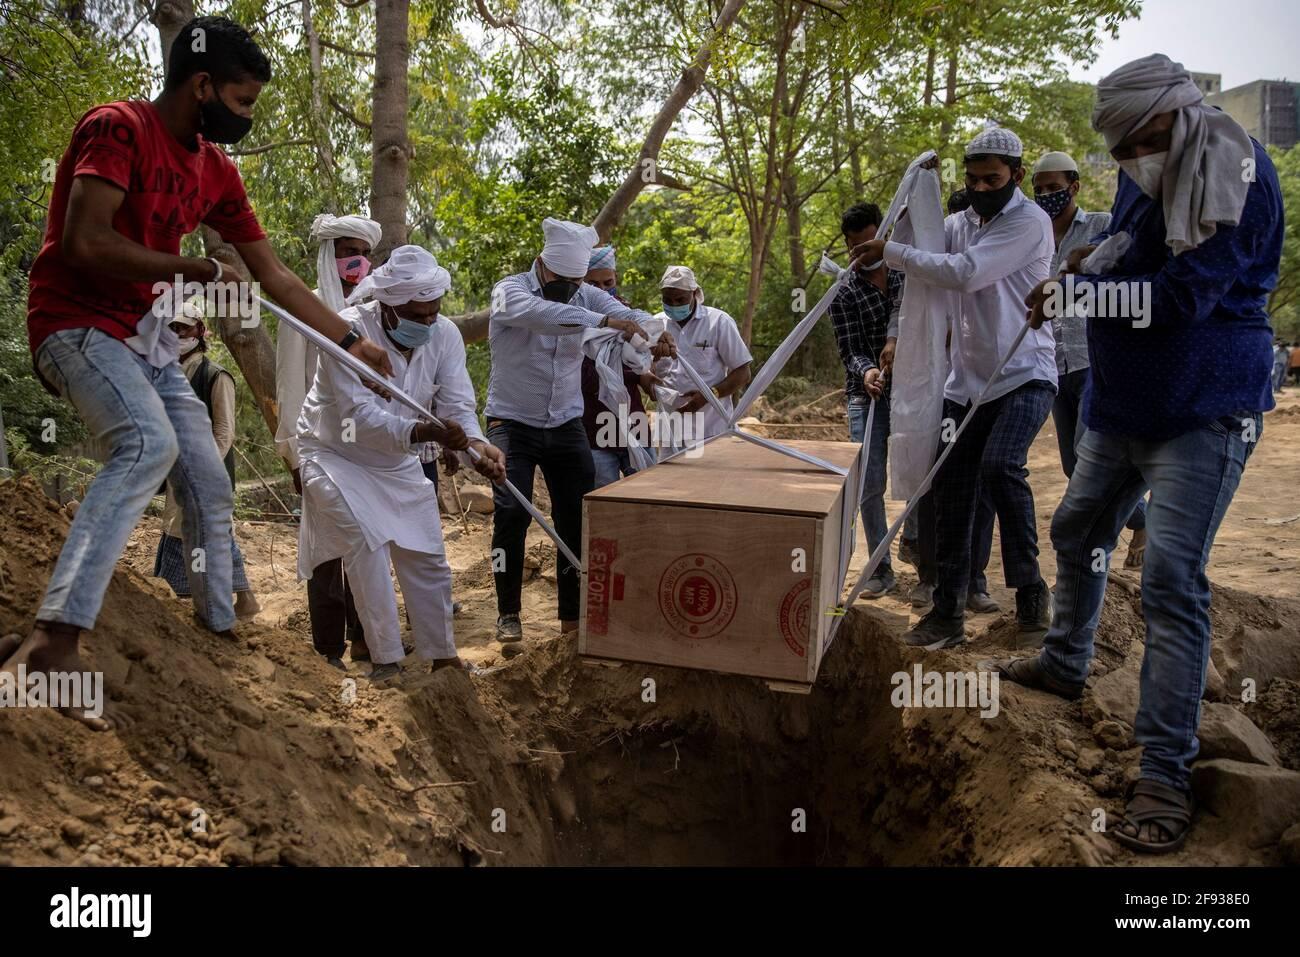 Les gens enterrent le corps d'un homme, qui est décédé de la maladie du coronavirus (COVID-19), dans un cimetière à New Delhi, Inde, le 16 avril 2021. REUTERS/Siddiqui danois Banque D'Images